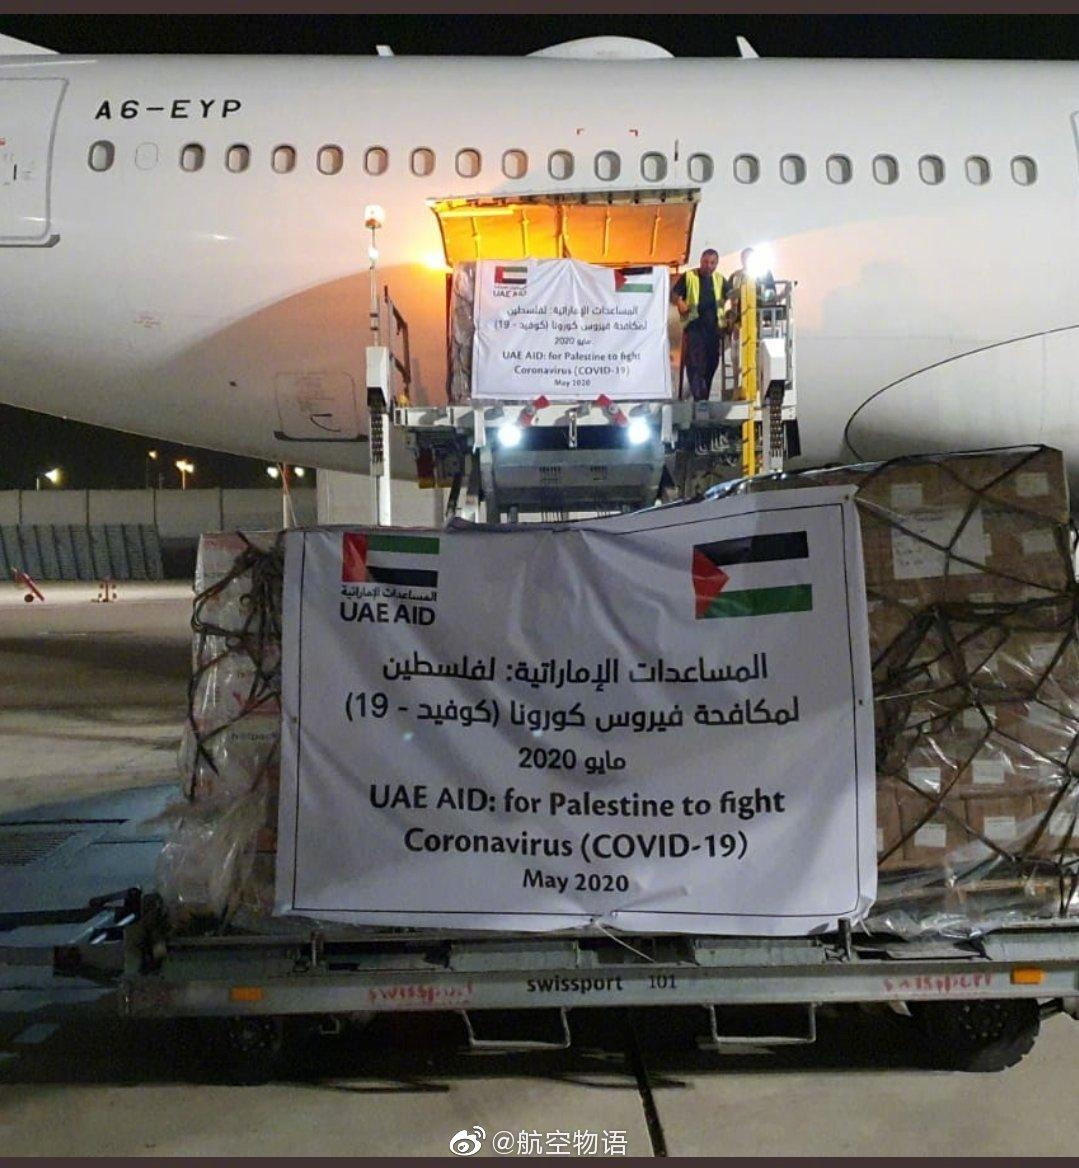 活久见系列!阿提哈德航空首次搭载医疗物资飞往以色列支援巴勒斯坦